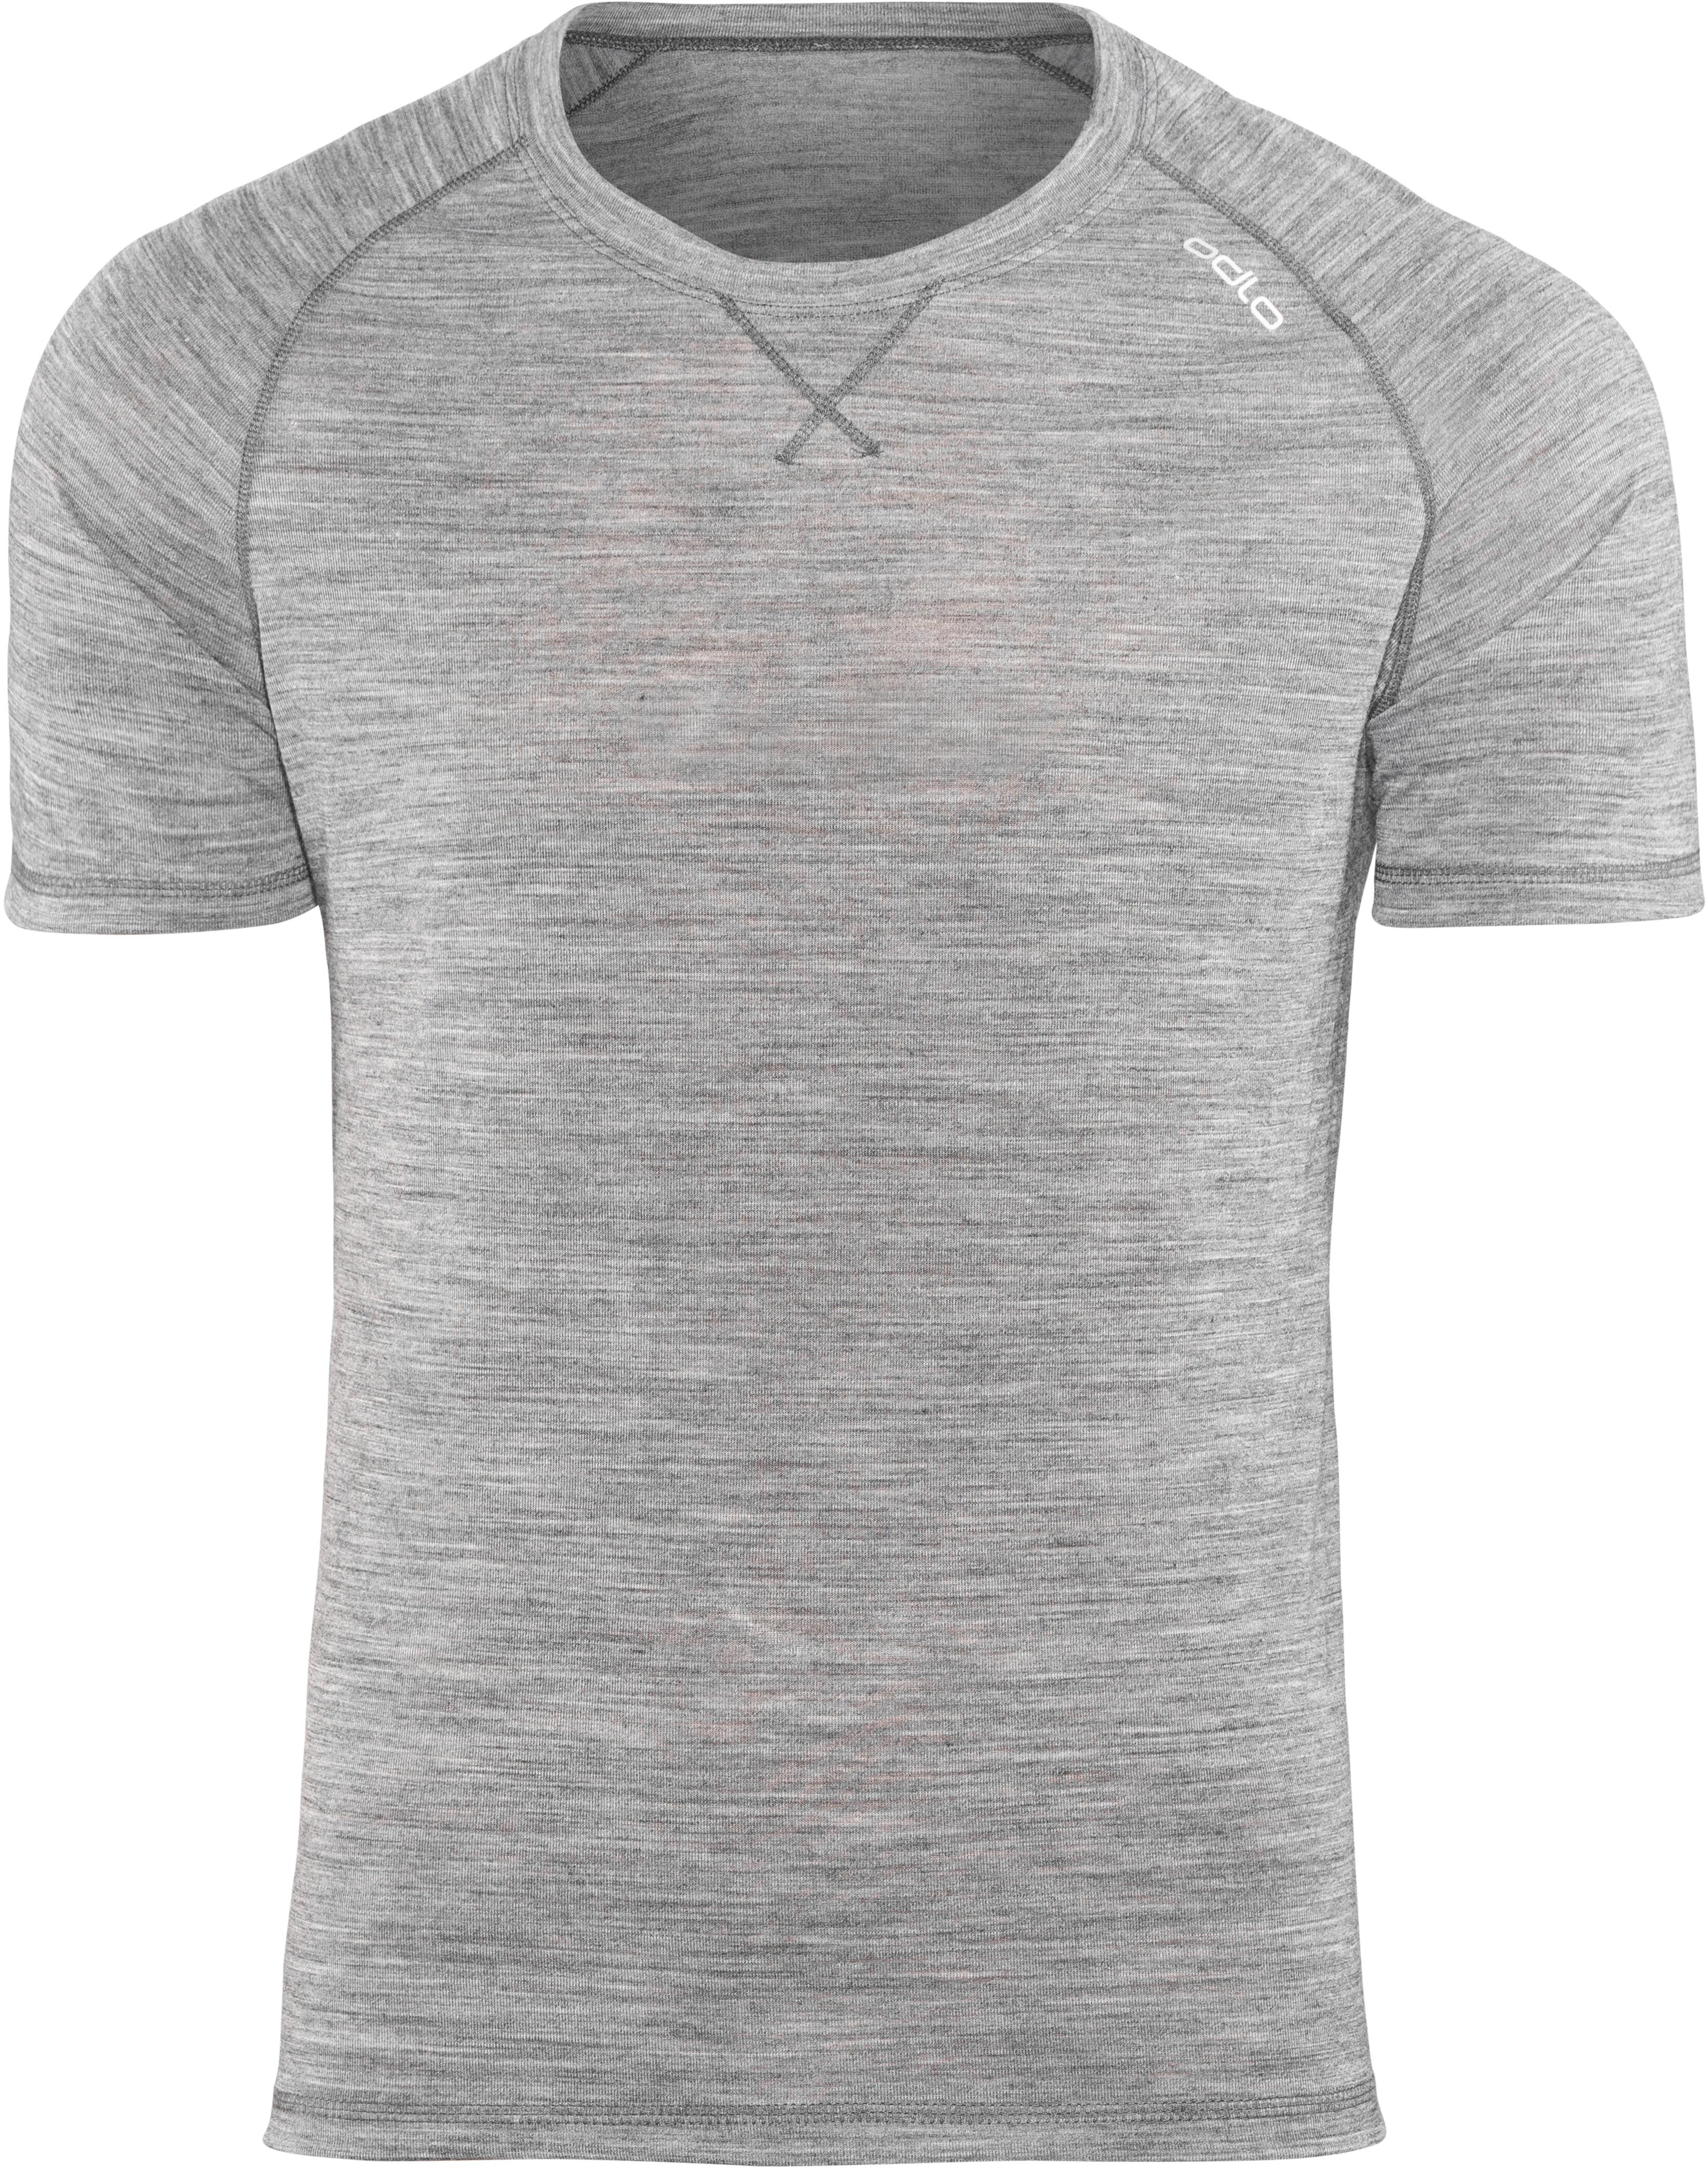 on sale 1d45a d738b Odlo Revolution TW Light Maglietta a maniche corte Uomo grigio